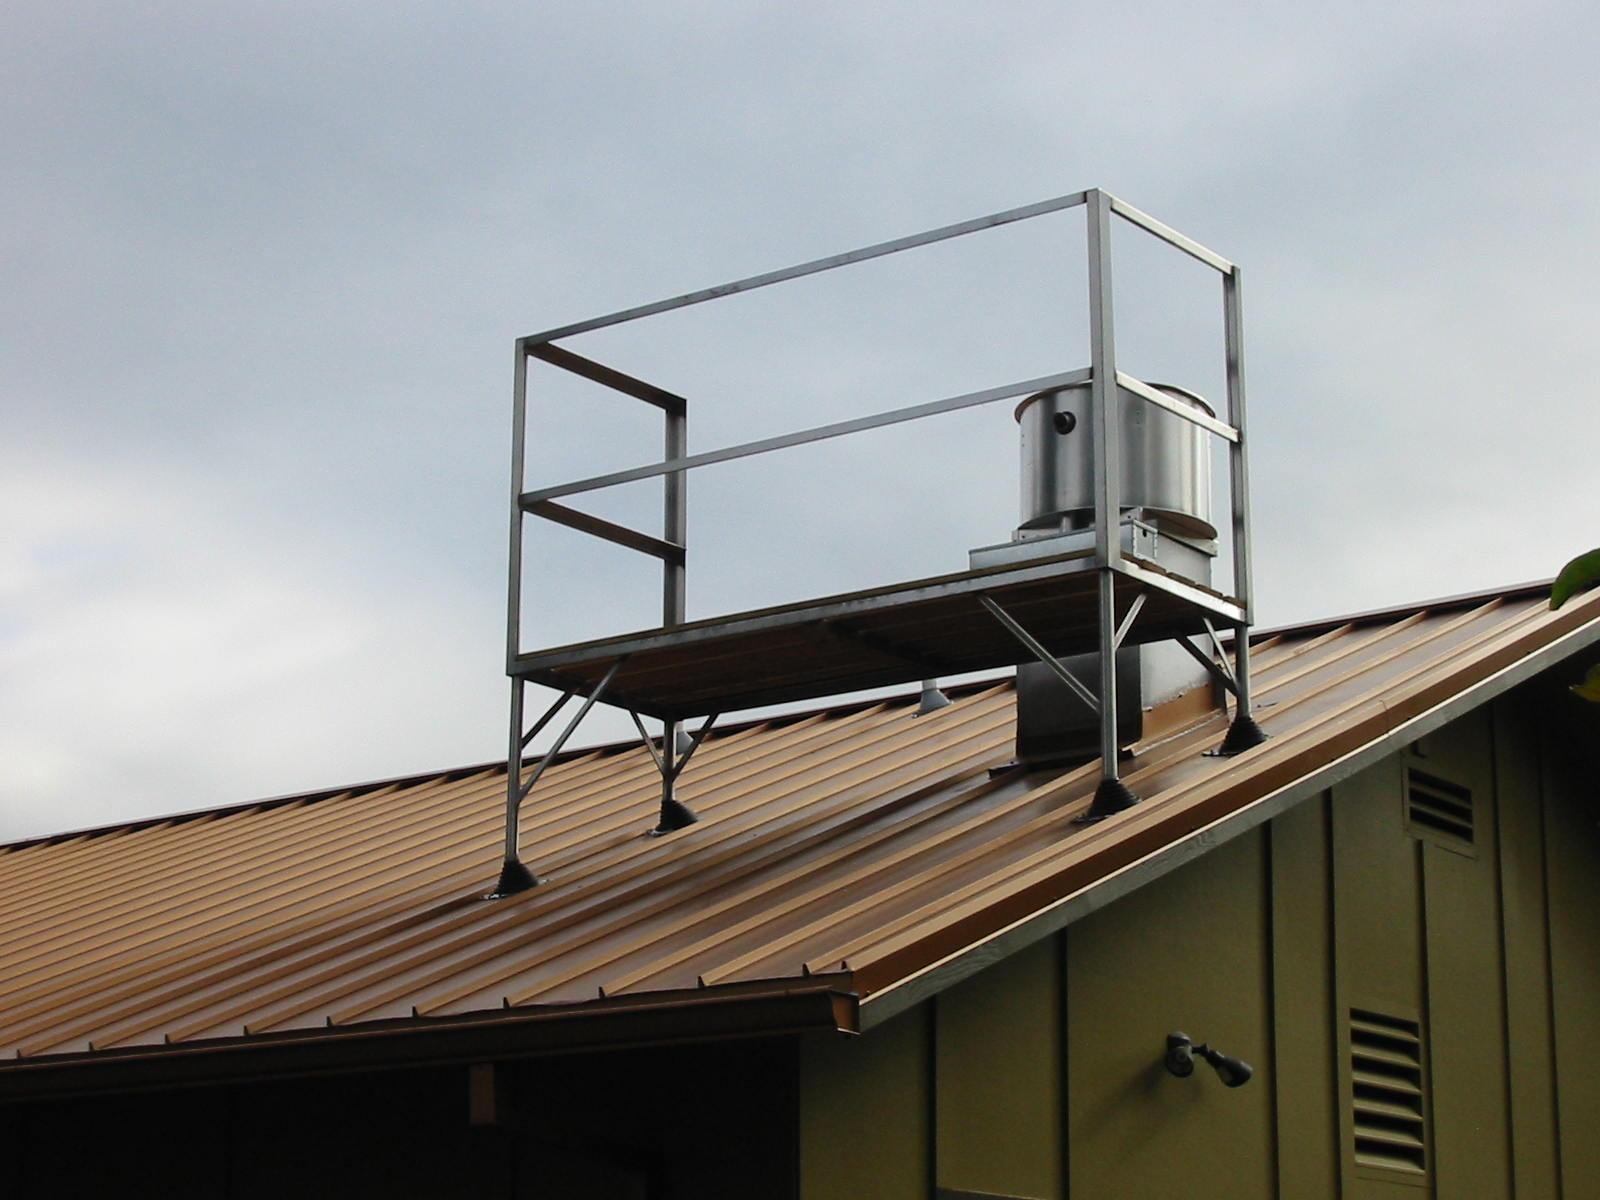 Roof platform2